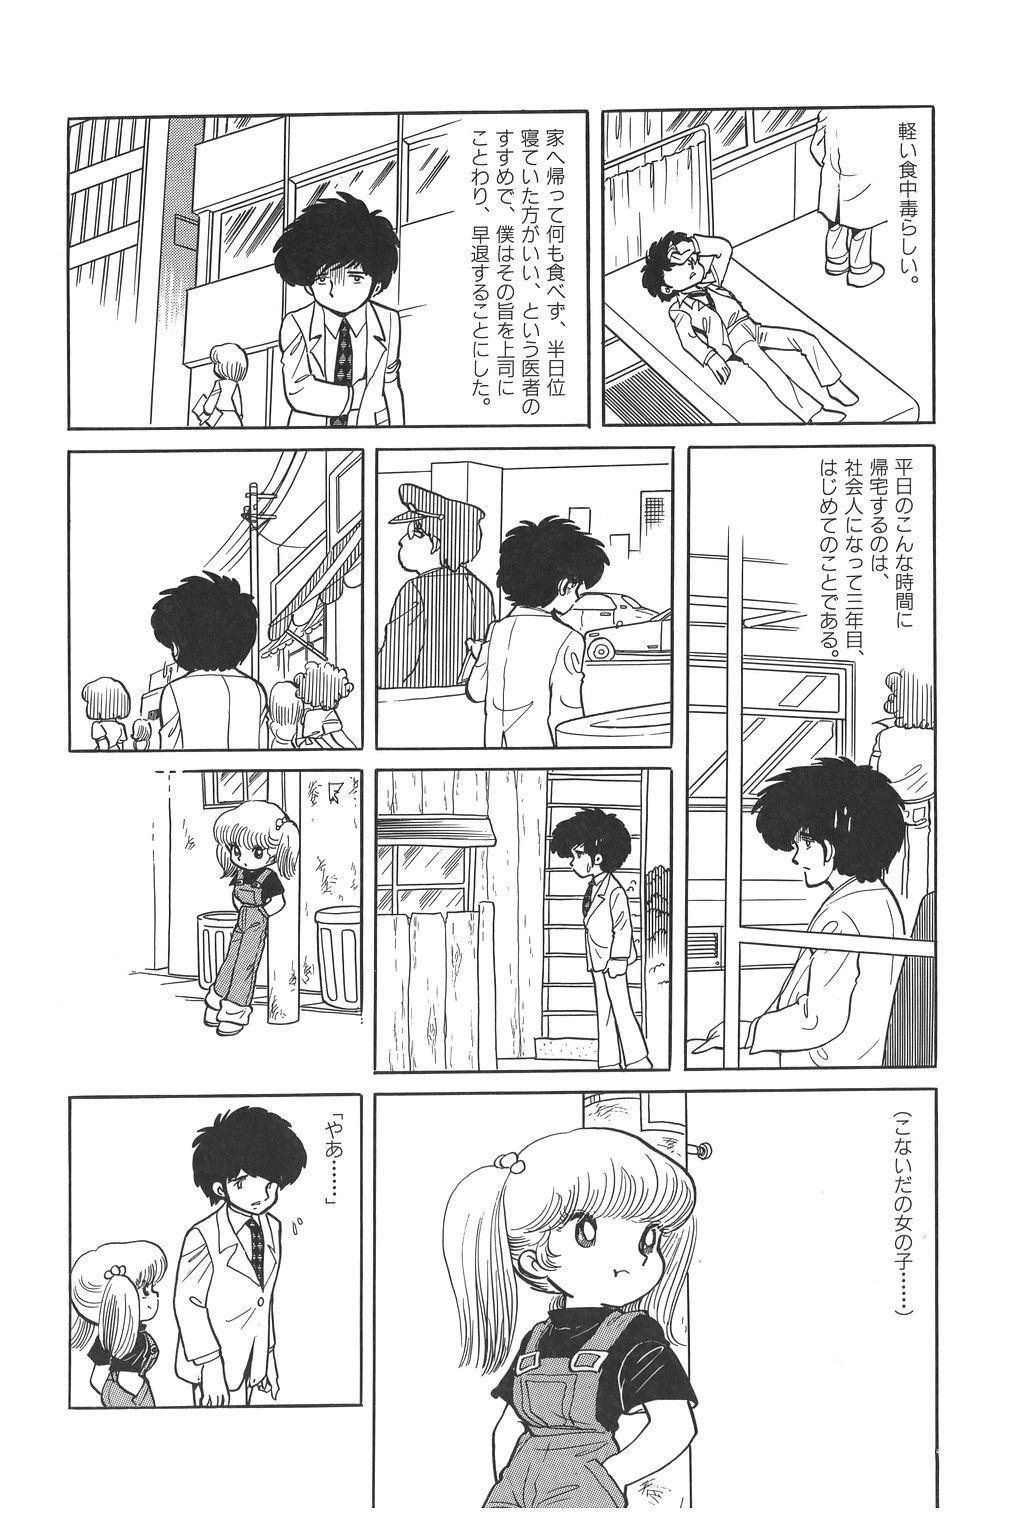 Azuma Hideo Sakuhin Shuusei - Yoru no Tobari no Naka de 104